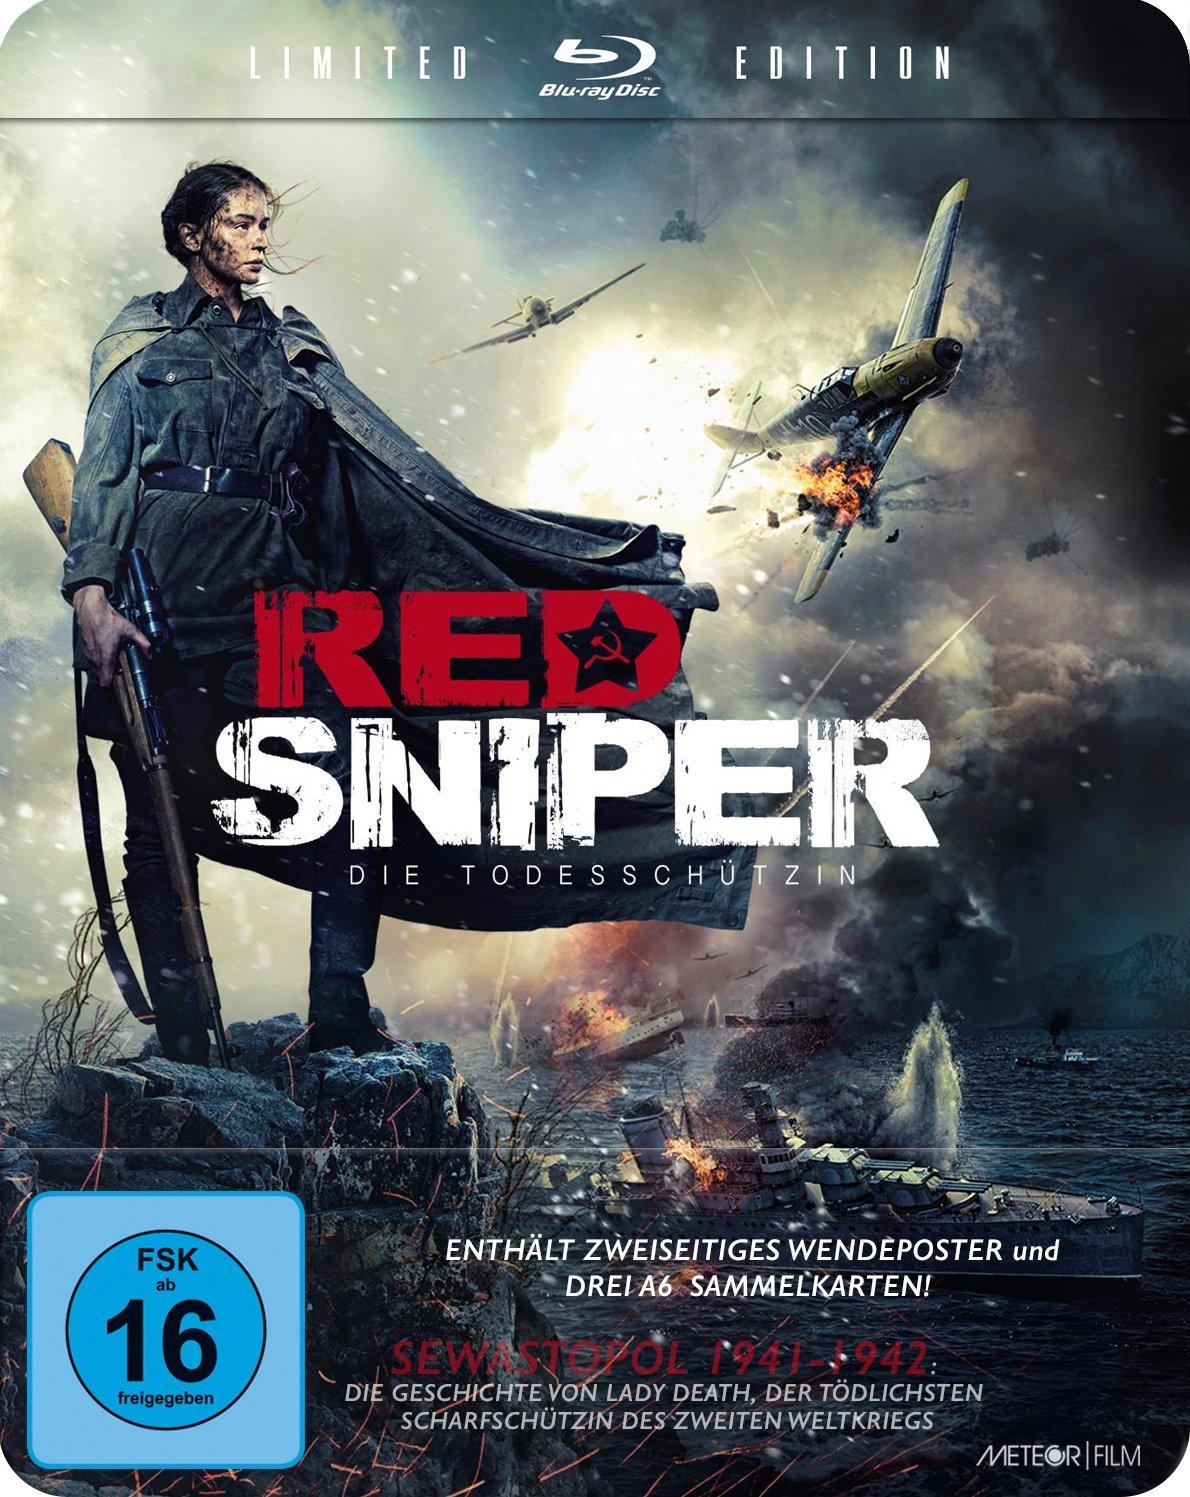 red sniper – die todesschützin